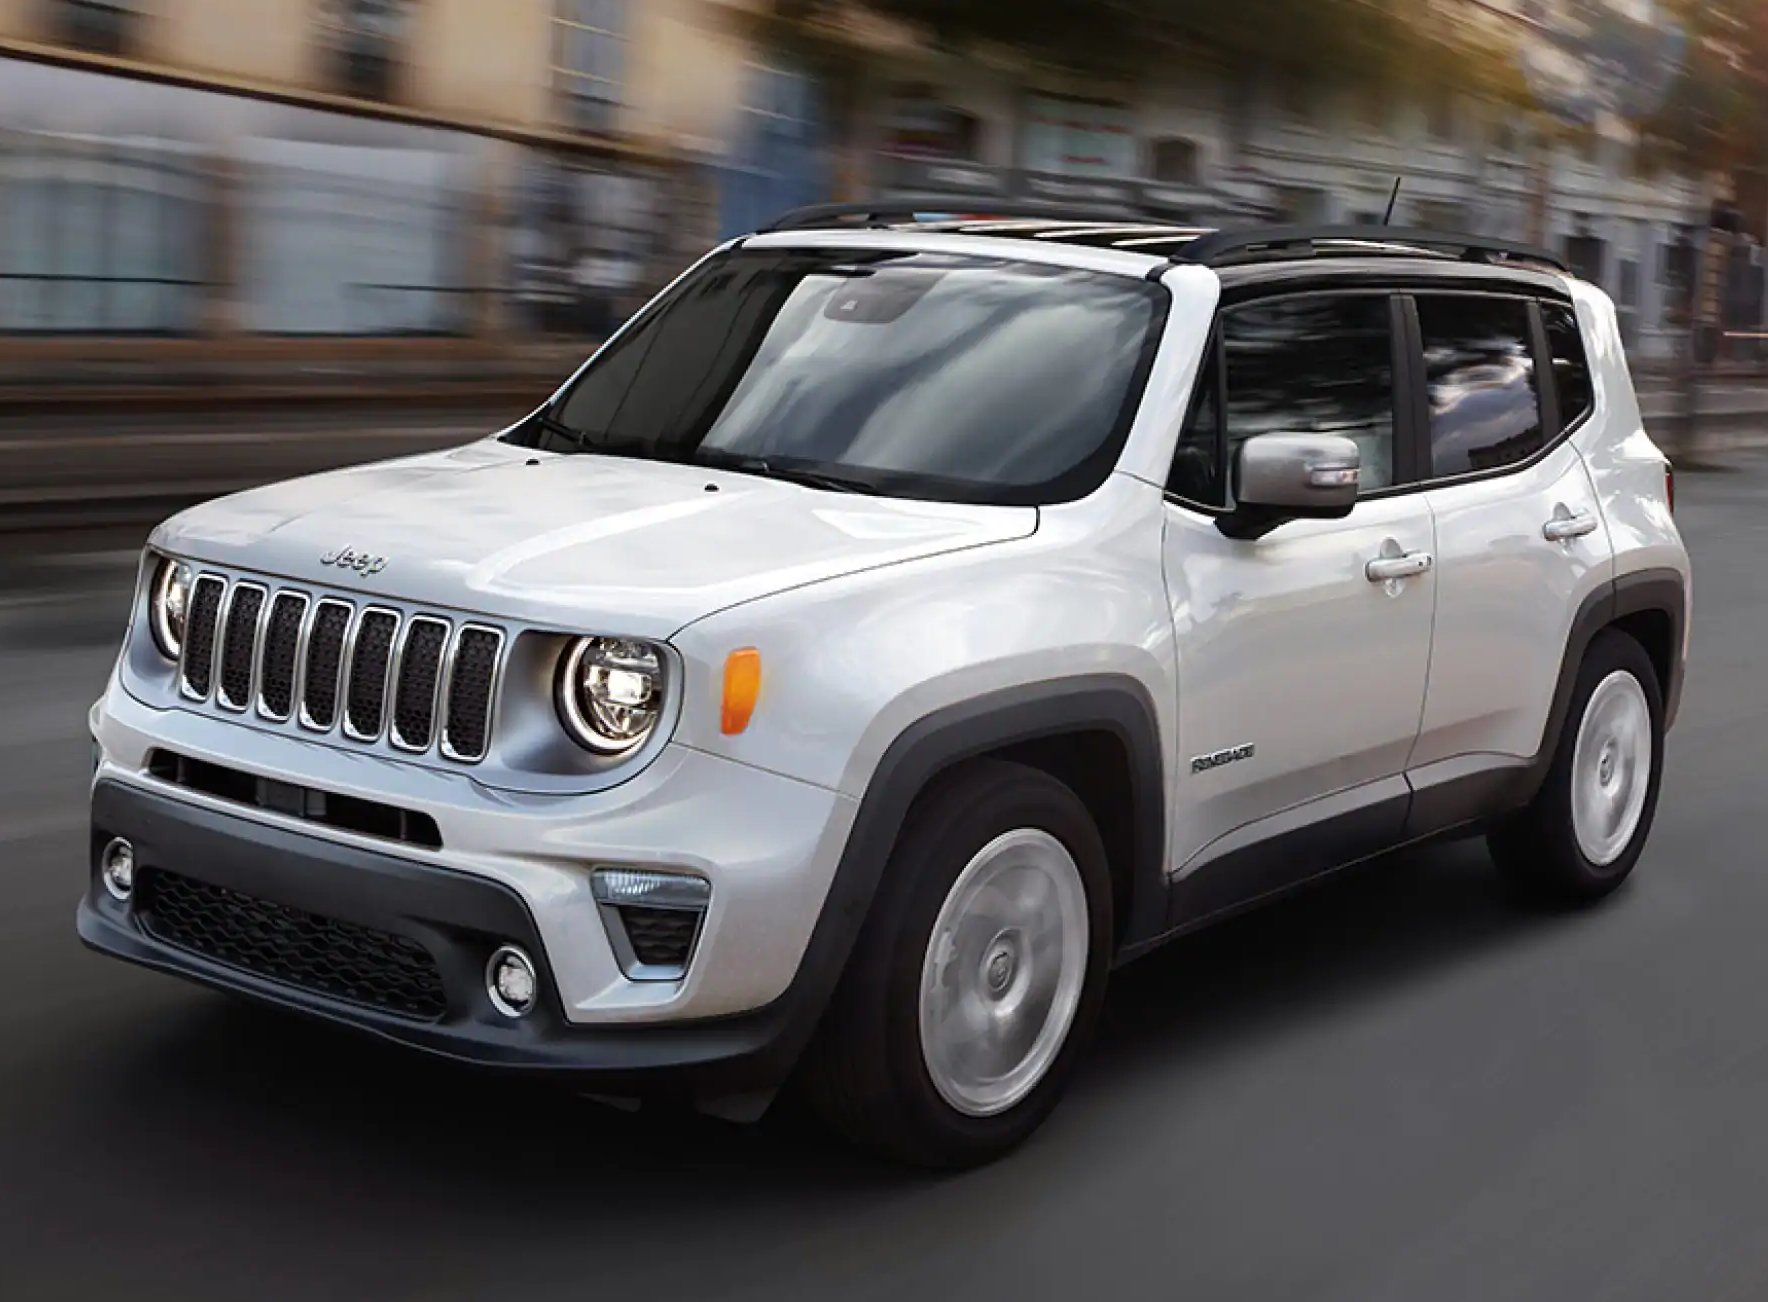 2021 Jeep Renegade Exterior